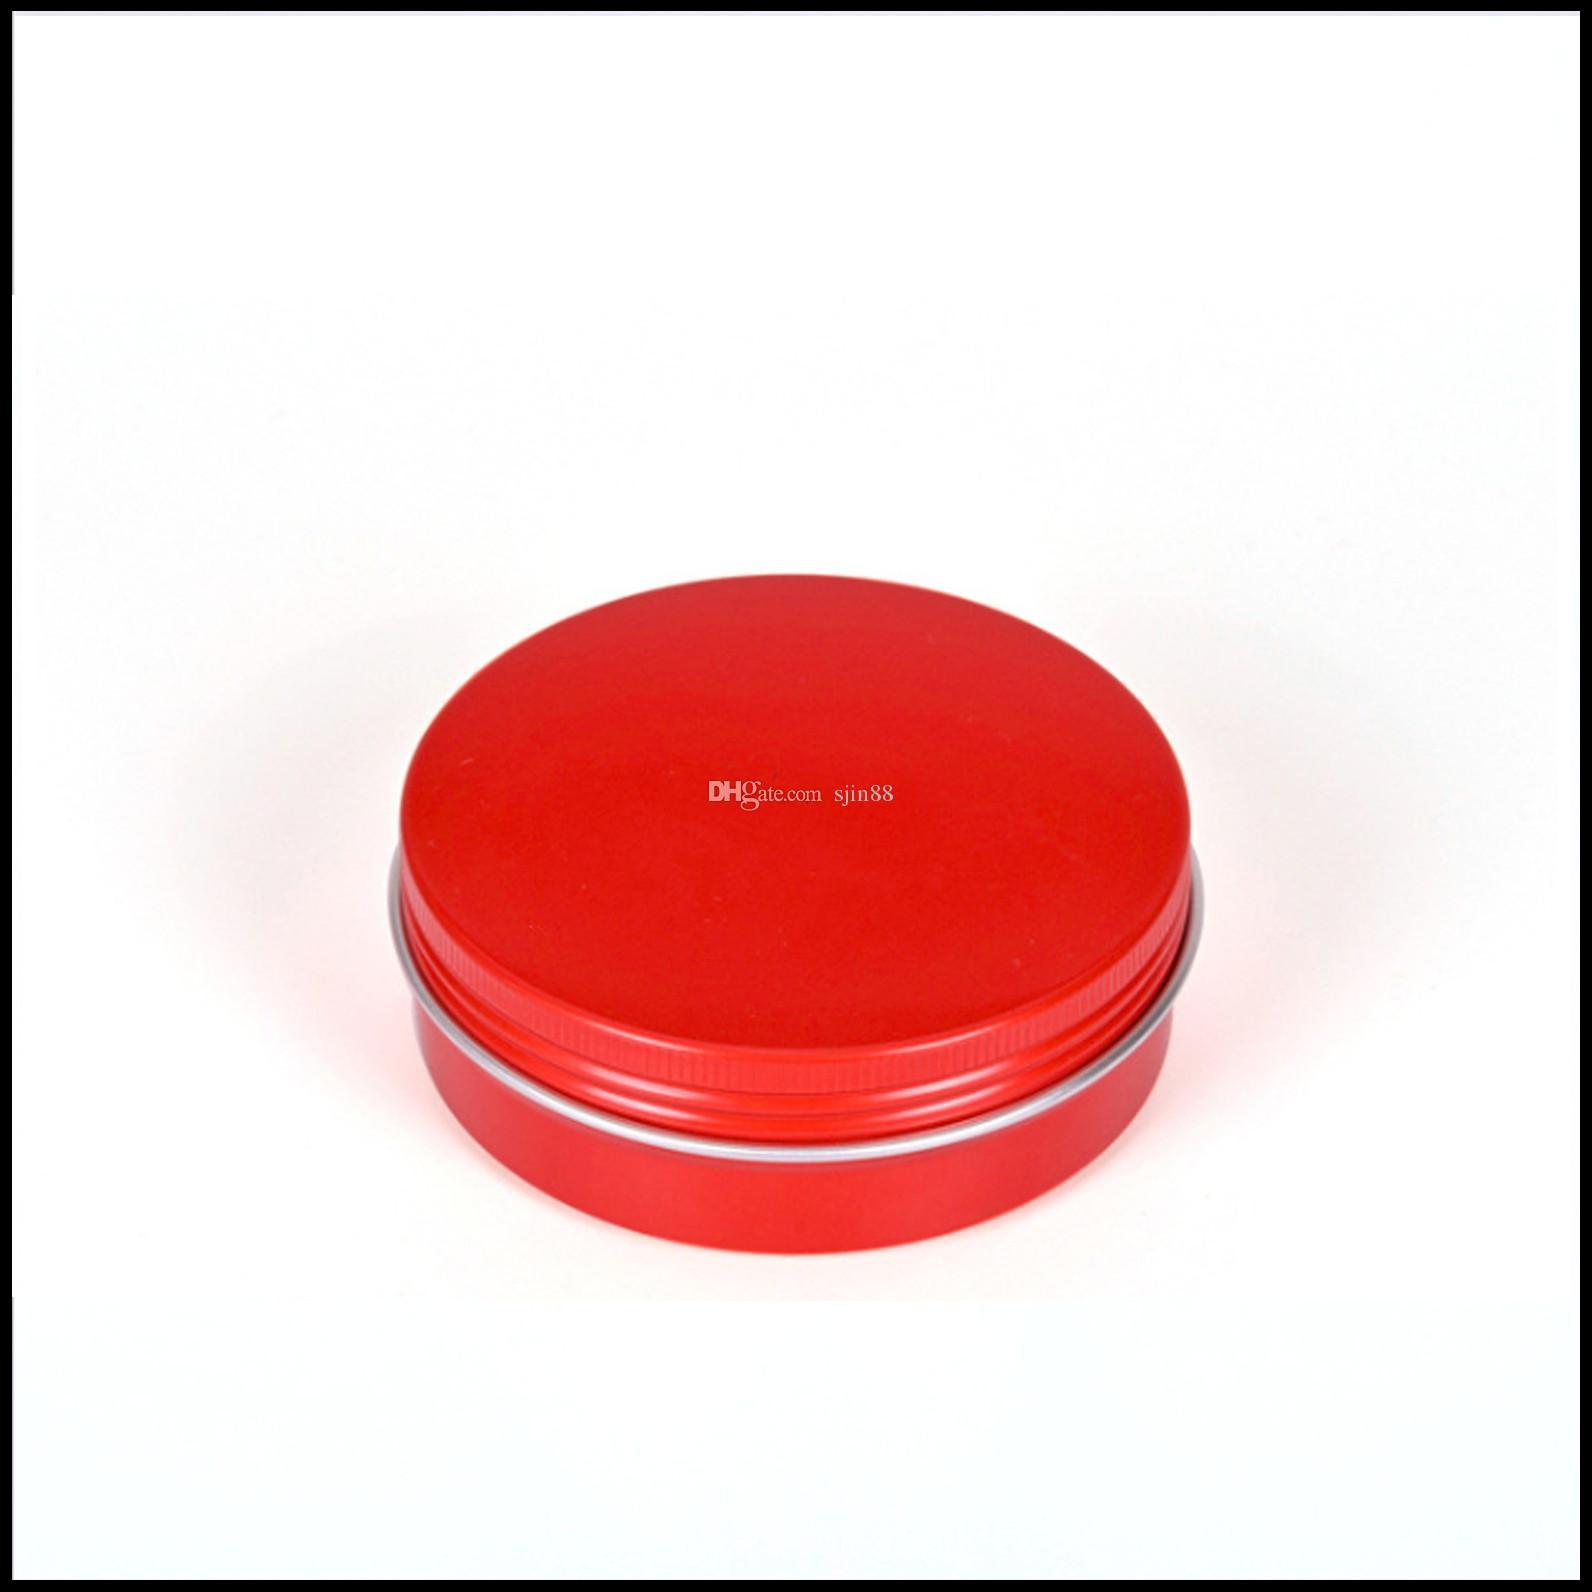 Red Jar Aluminiumdosen 100g mit Schraubverschluss und nachfüllbare Tins Kosmetische Behälter Speisen Tea Jar